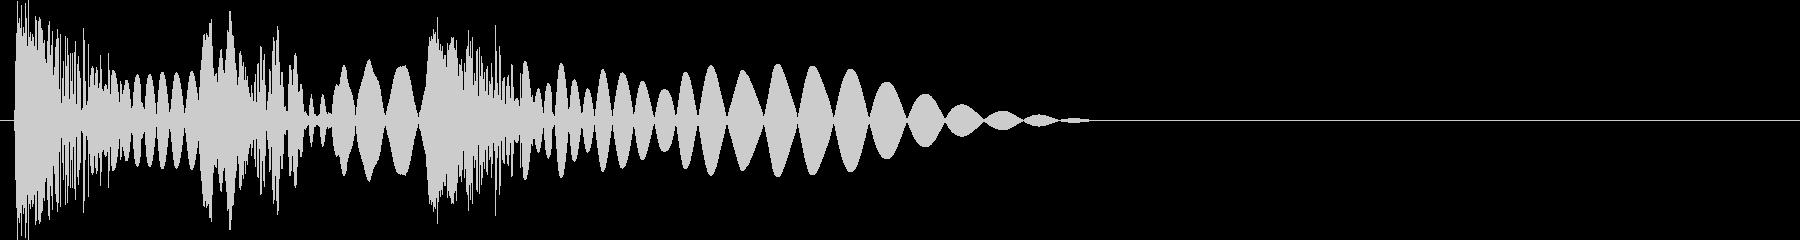 ビュビュビュ(弾発射・連射・高速)の未再生の波形